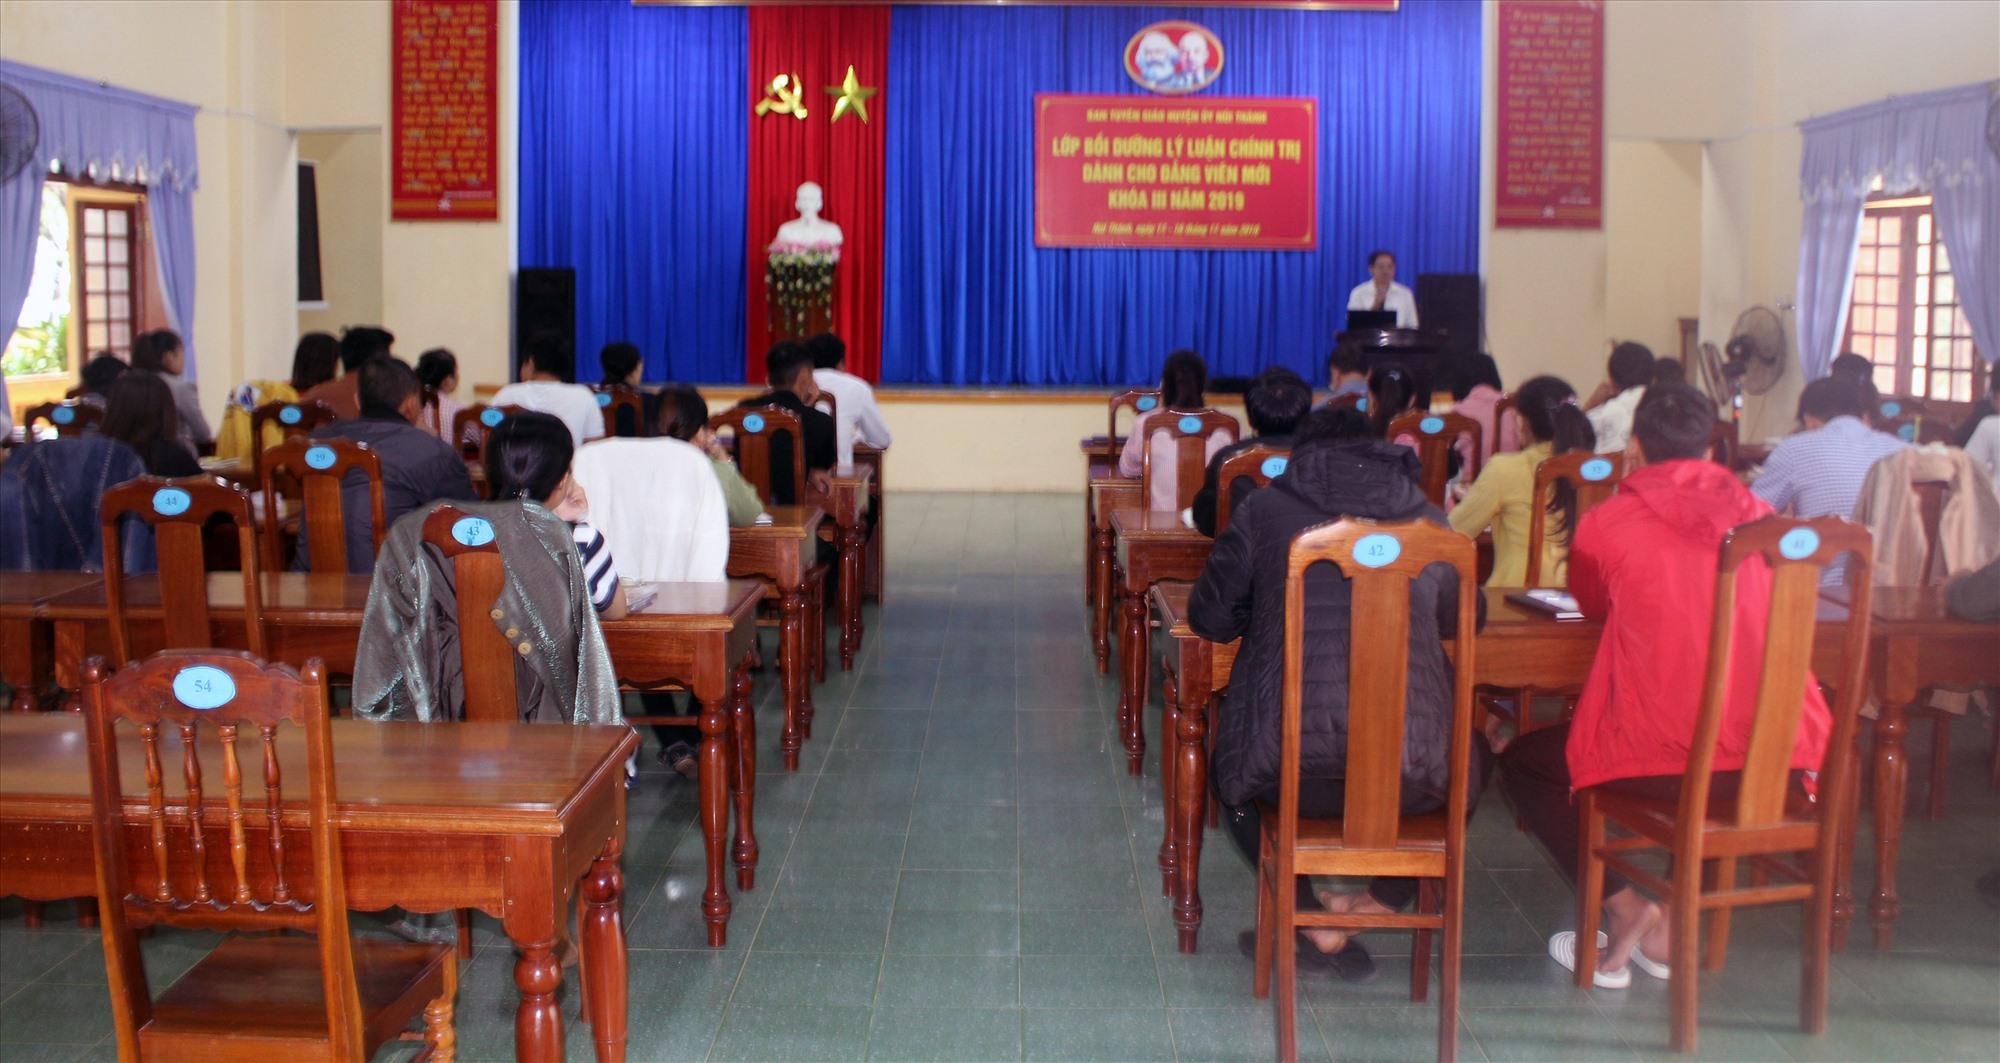 Núi Thành tổ chức lớp bổi dưỡng đảng viên mới. Ảnh: VĂN PHIN